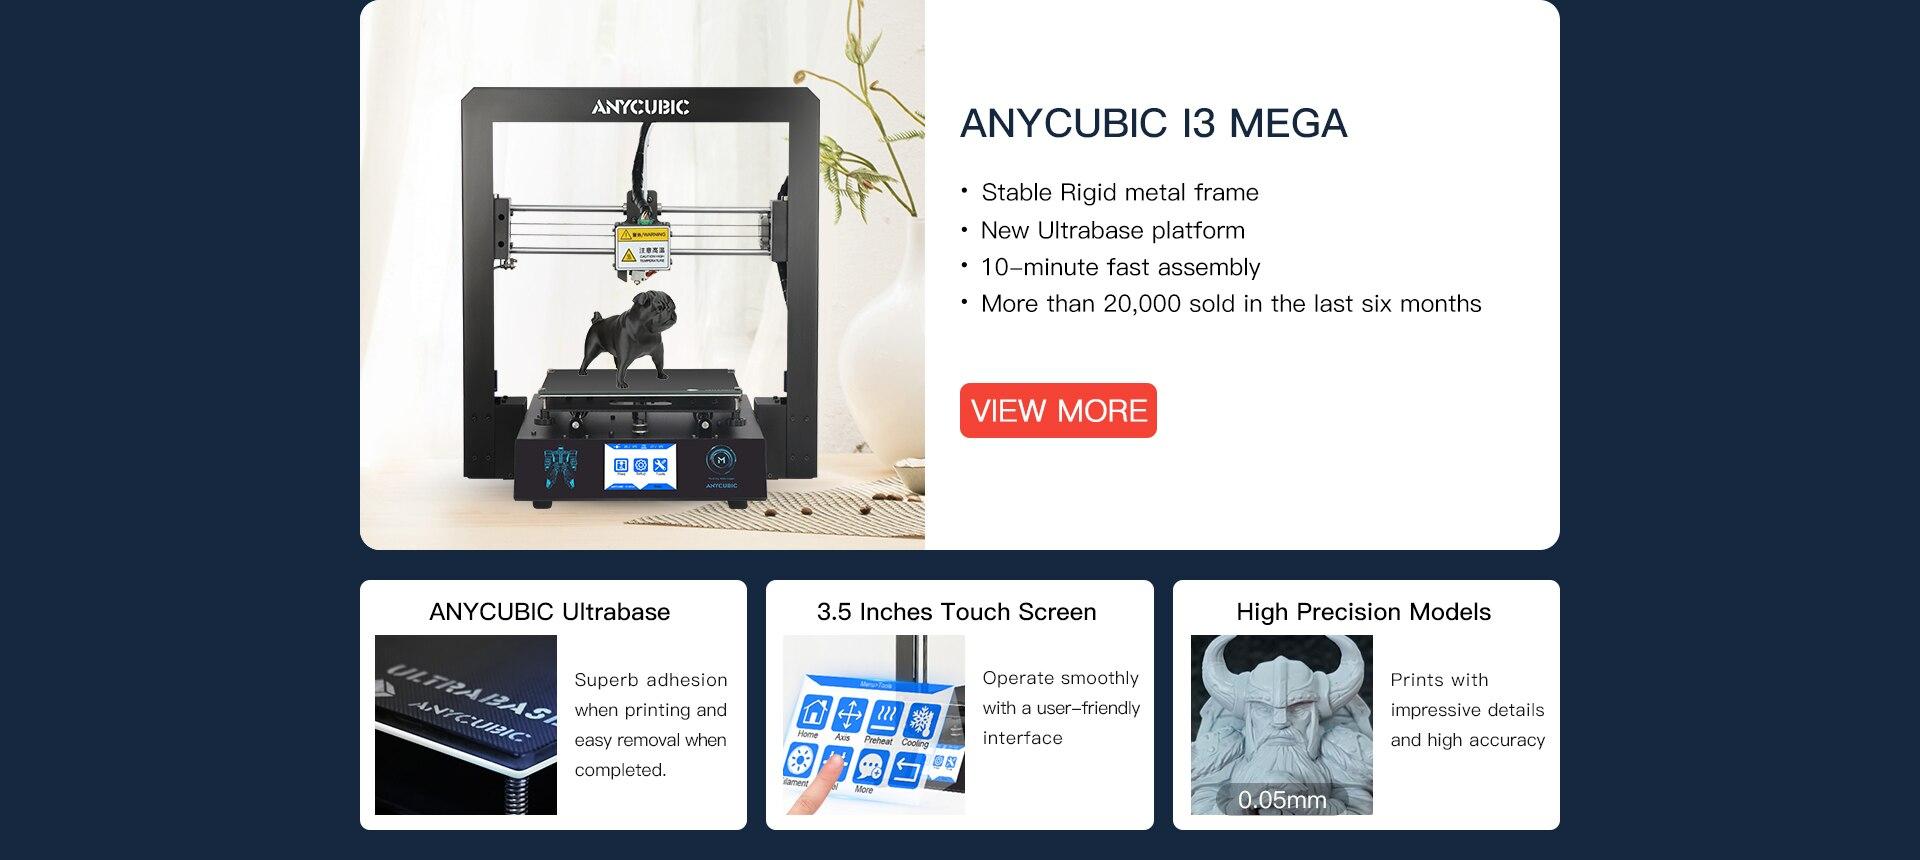 Computer & Büro Anycubic Chiron 3d Drucker Plus Größe Ultrabase Titan Extruder Tft Touchscreen Riesige Bauen Volumen 3d Drucker Kit Impresora 3d